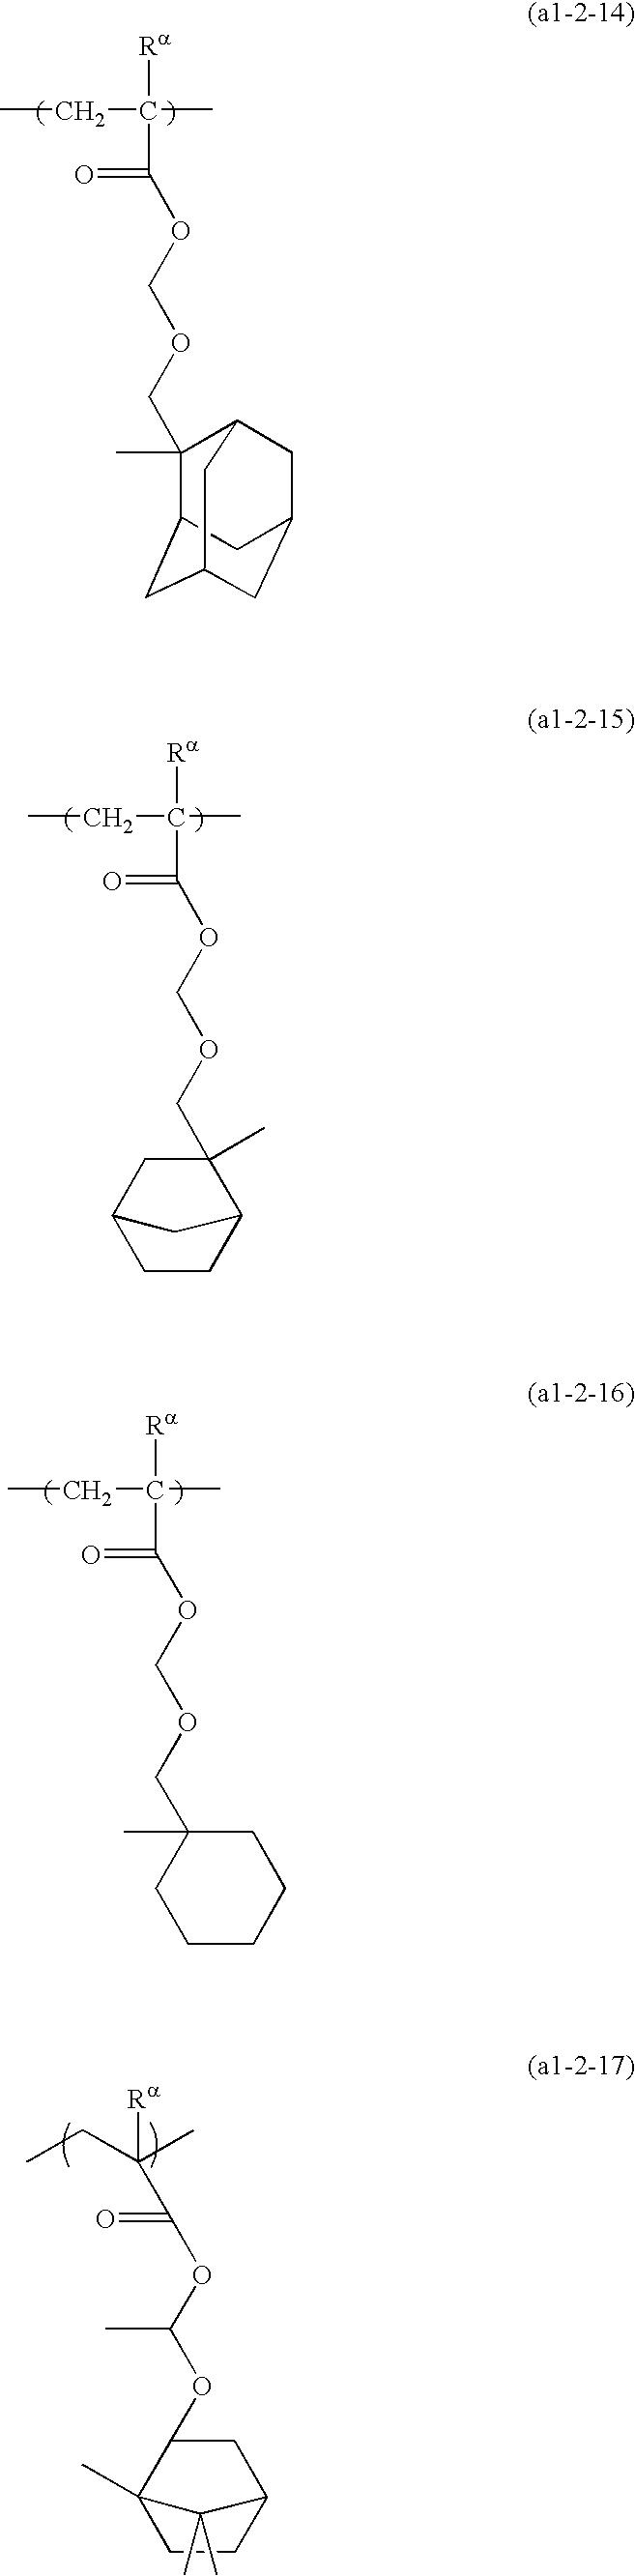 Figure US20100136480A1-20100603-C00030